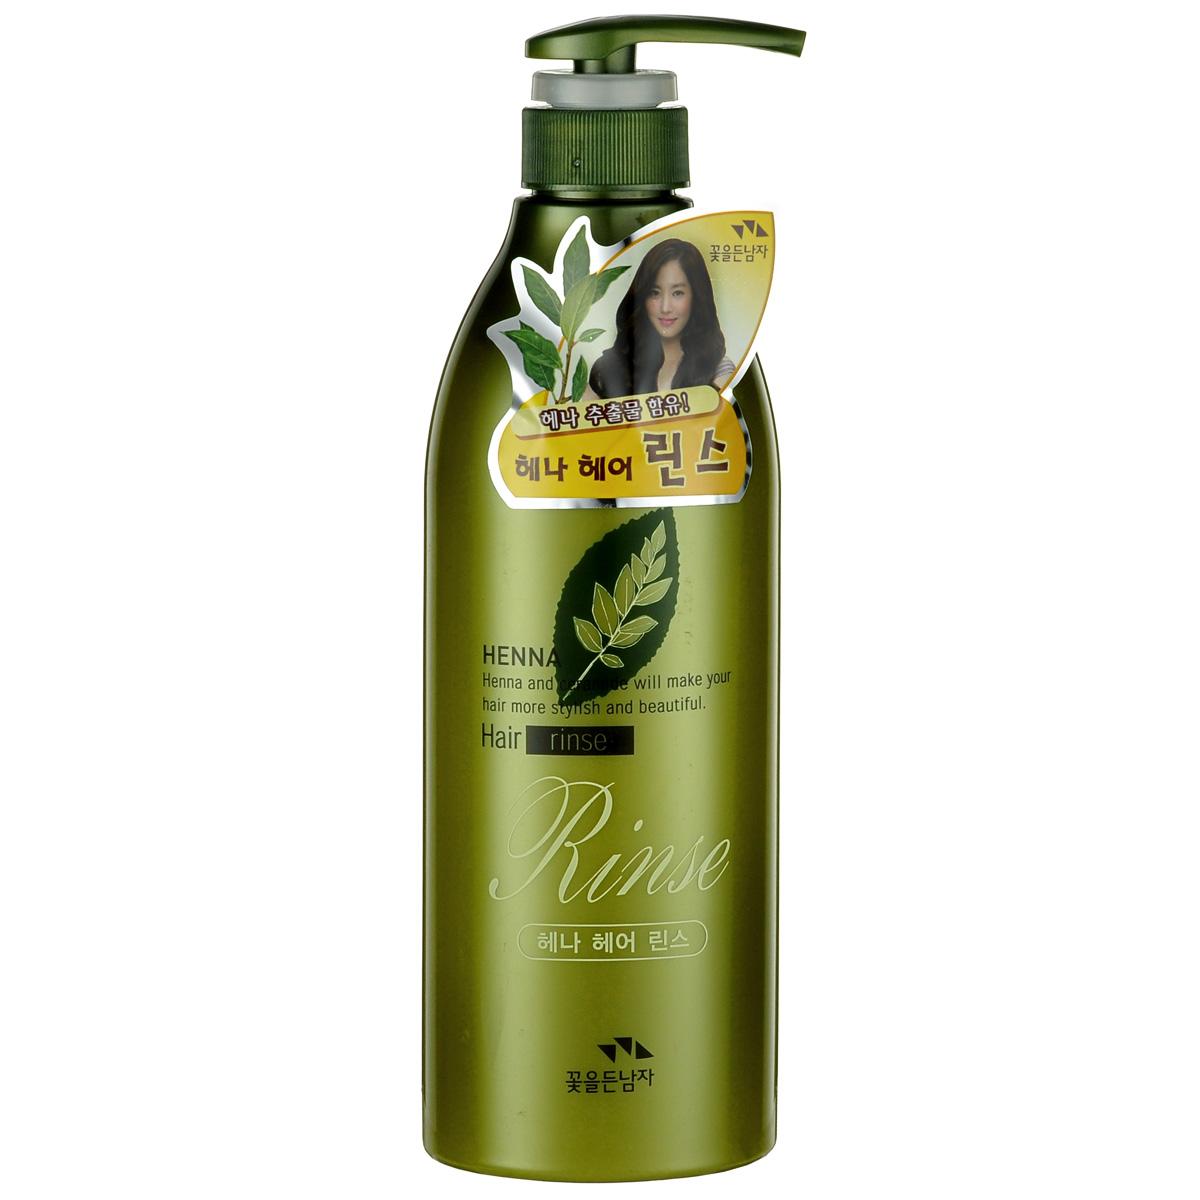 Somang Henna Кондиционер для волос, 720 мл122360Придает волосам естественную мягкость, пышность и послушность. Содержит экстракт цветов Даурской Розы, керамид и глицерин. Для всех типов волос. Подходит для ежедневного использования. Хна (Henna) используется в медицине и косметологии на протяжении тысяч лет. Под воздействием содержащихся в хне веществ, сжимается и уплотняется кутикула. Бесцветная хна лечит перхоть, укрепляет корни волос, препятствуя их выпадению, и отлично кондиционирует волосы, придавая им густоту и блеск.